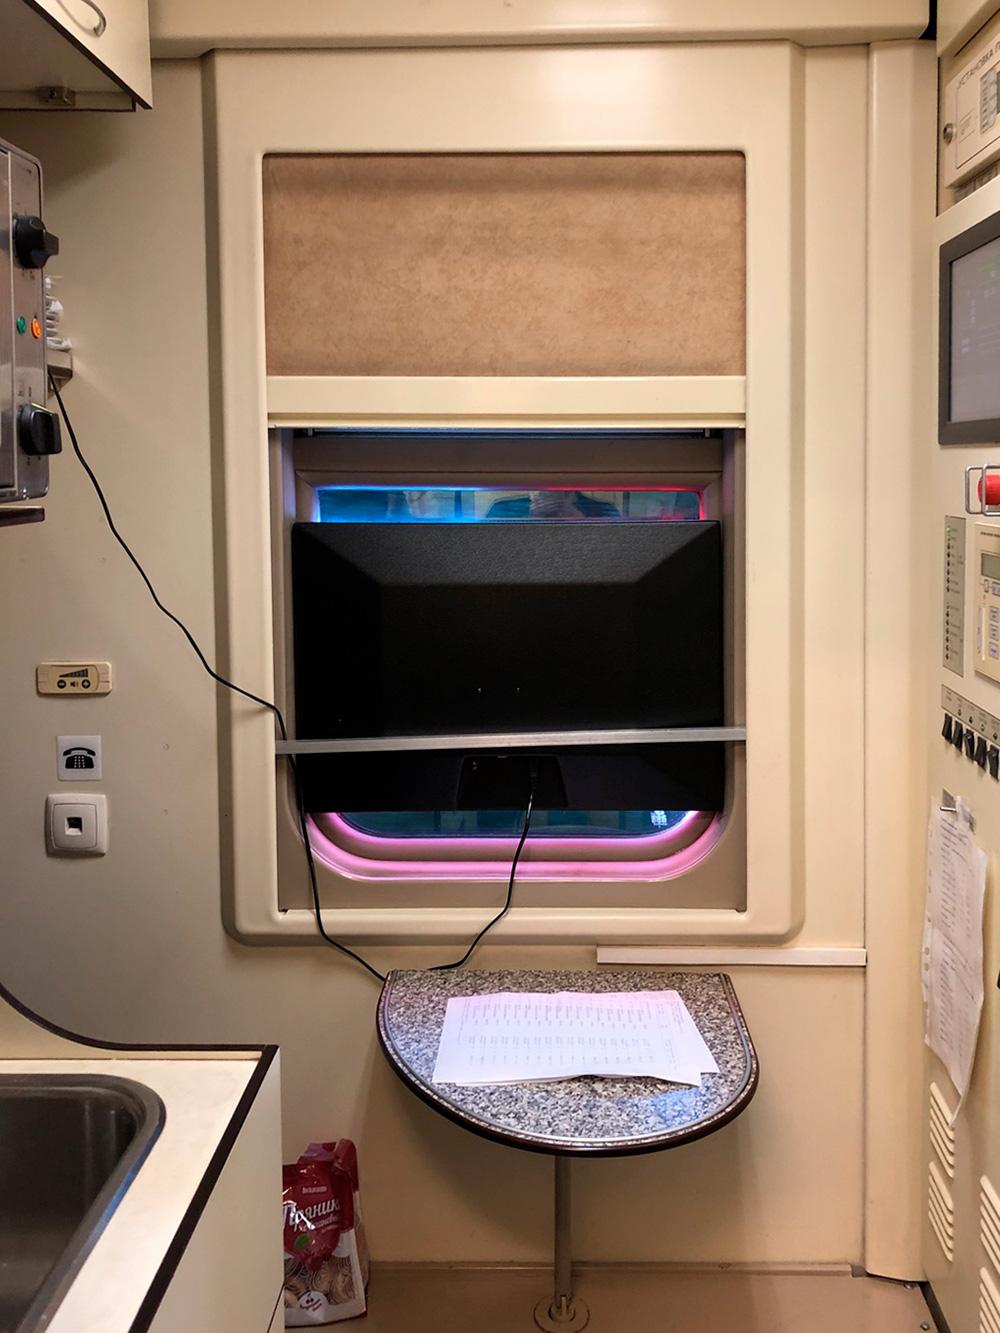 Так выглядит рабочее купе в вагоне компании ТКС